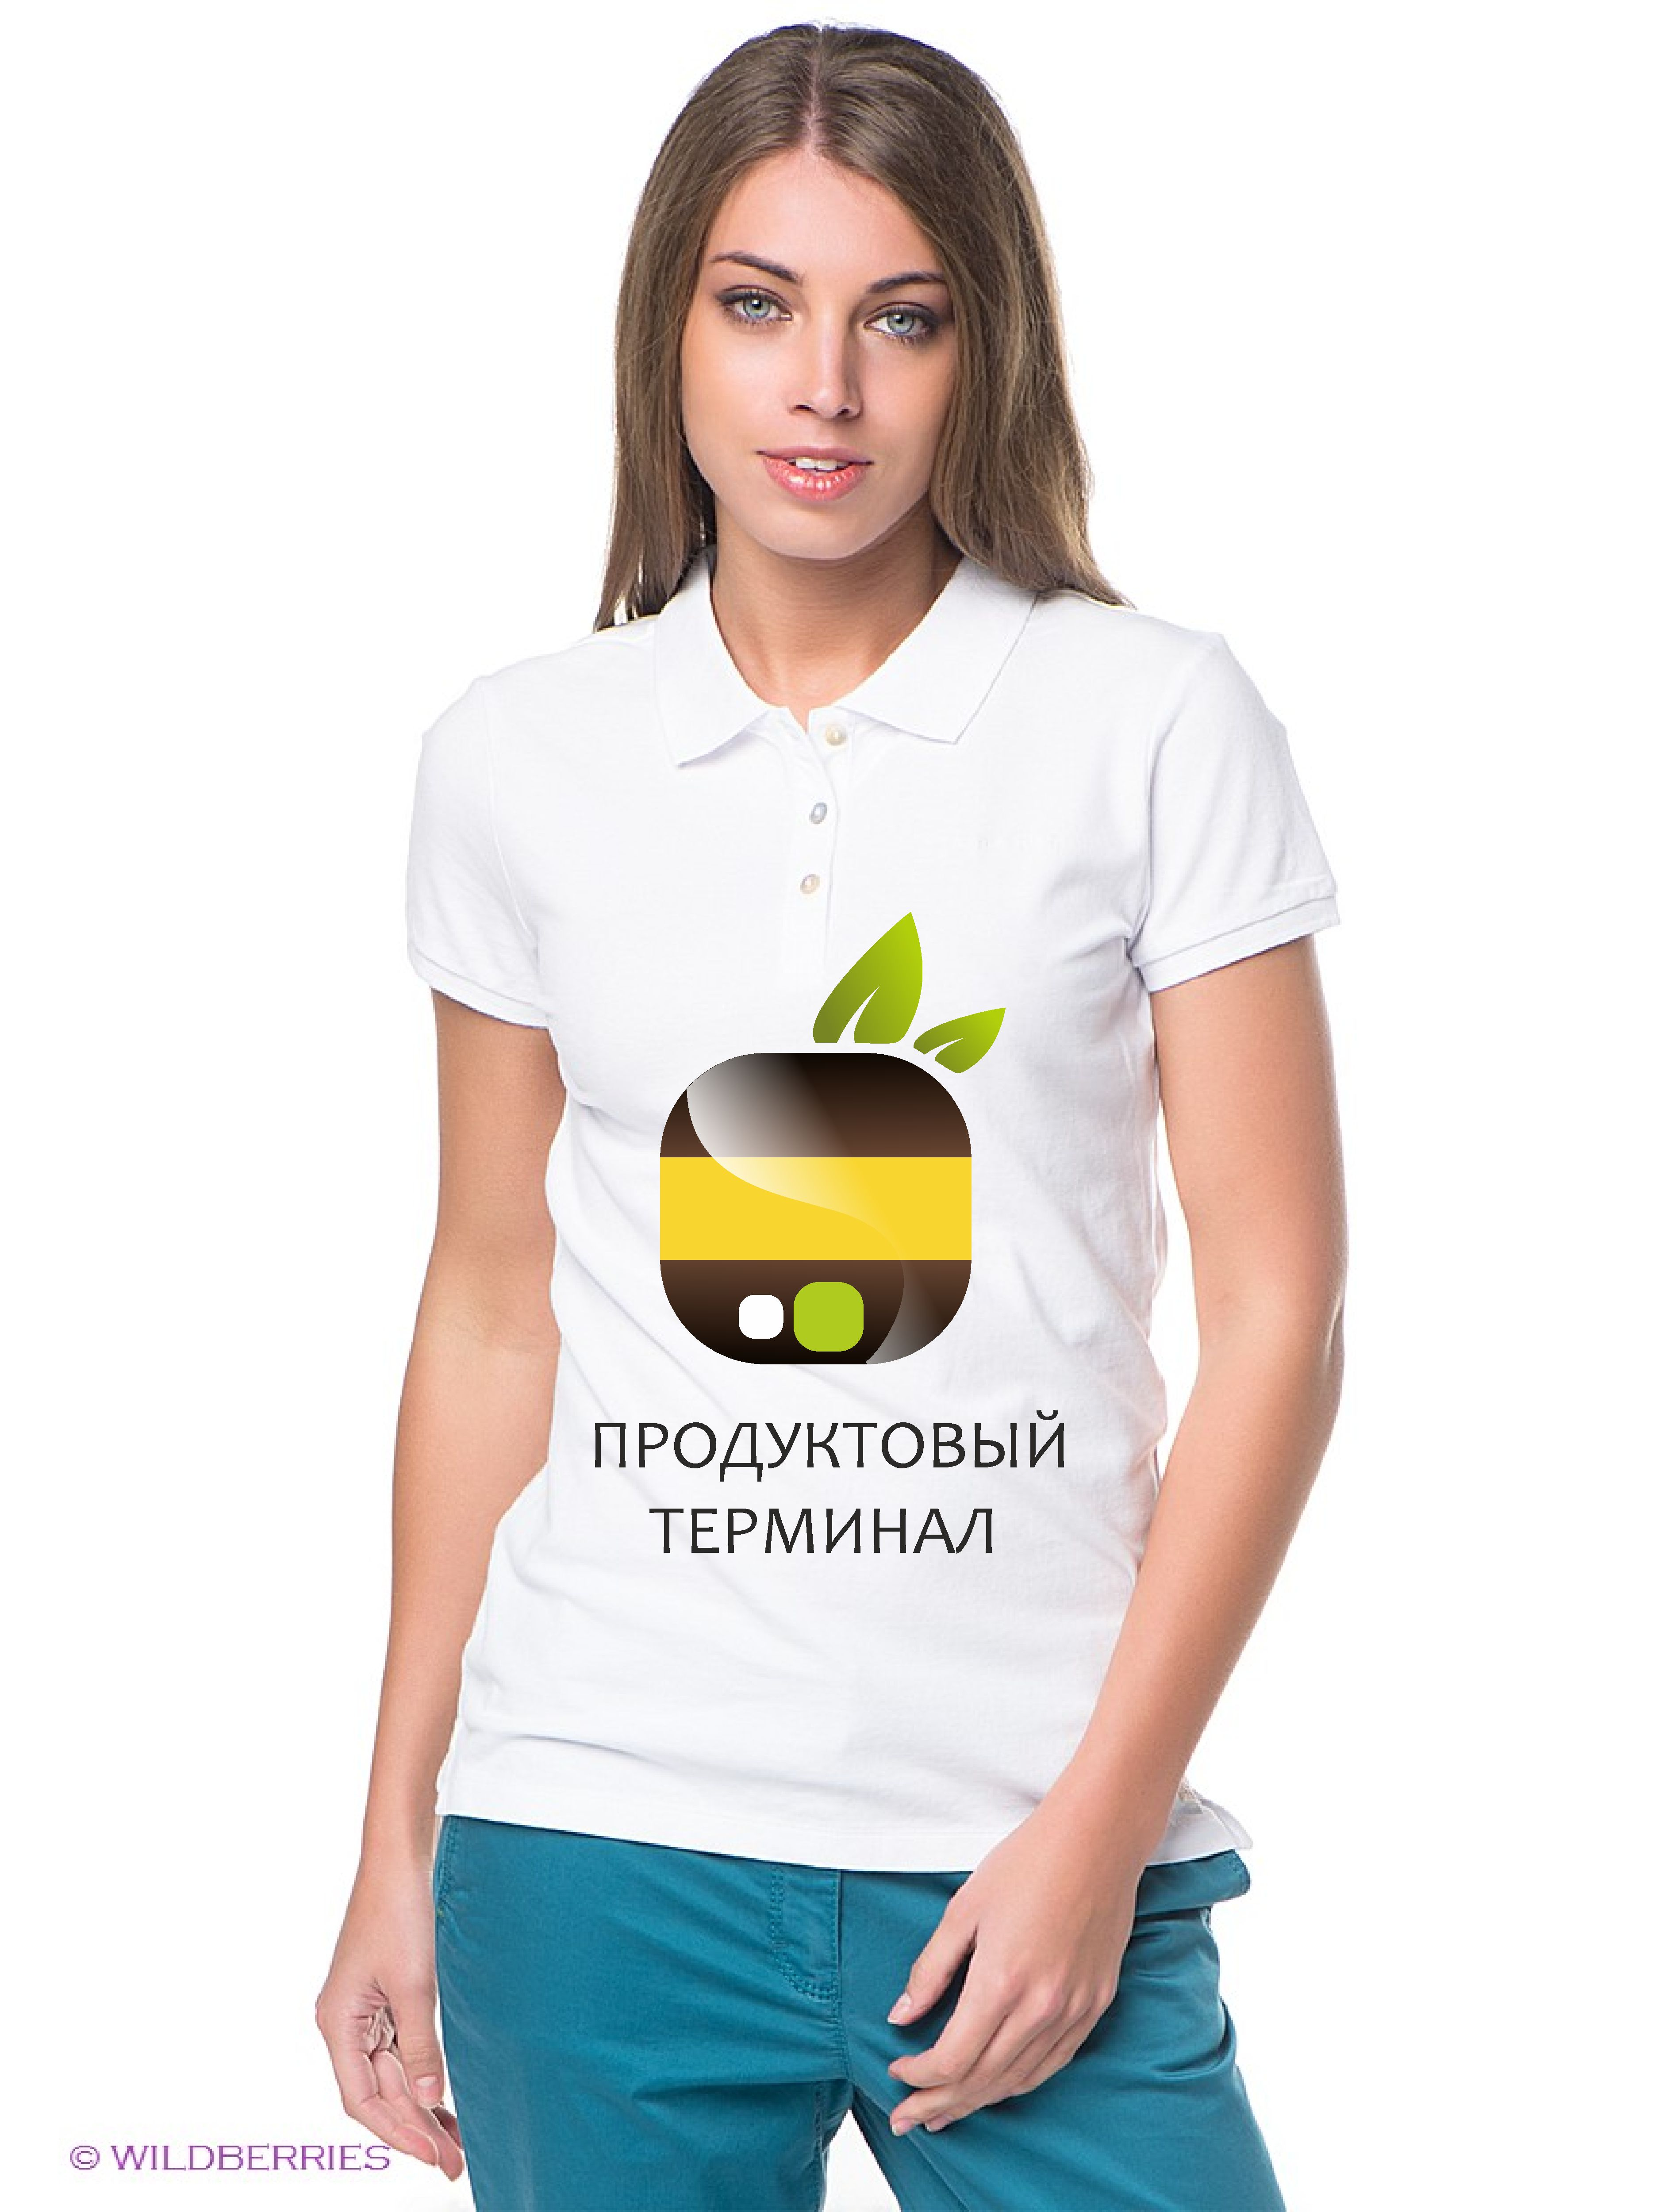 Логотип для сети продуктовых магазинов фото f_12856f913d54cd72.jpg